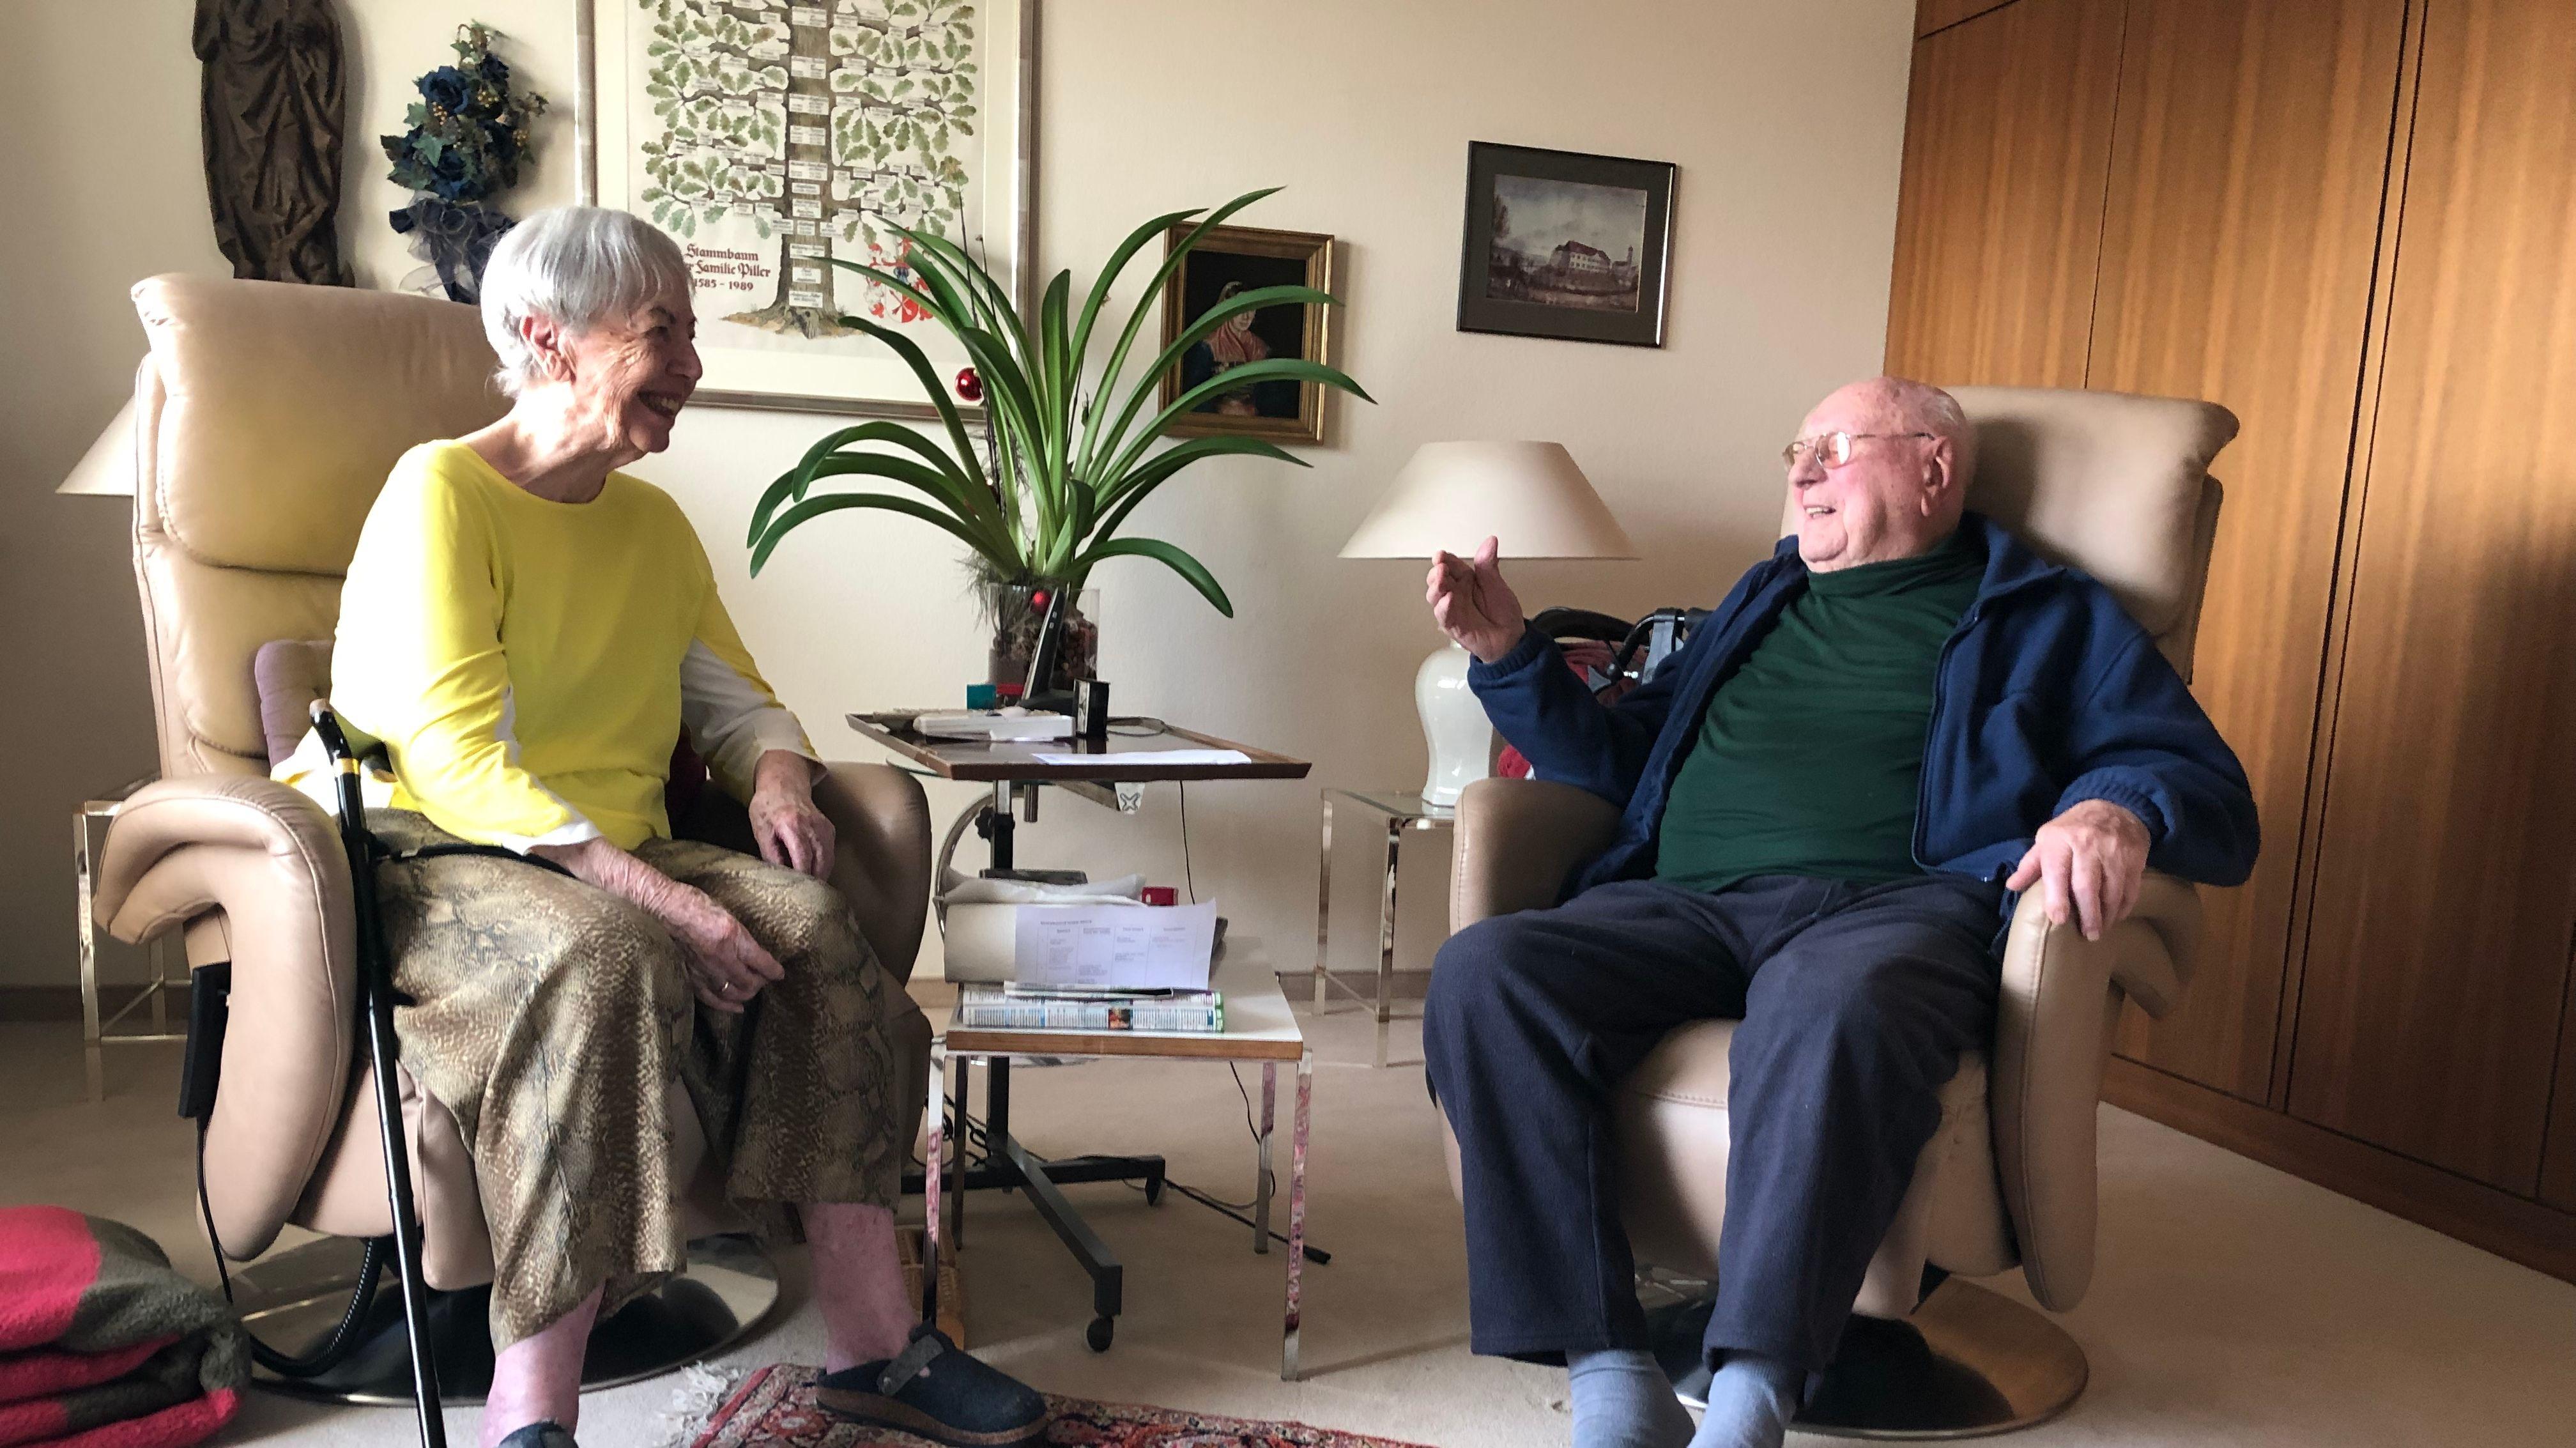 Frau und Herr Piller sitzen auf Sesseln in ihrem Wohnzimmer